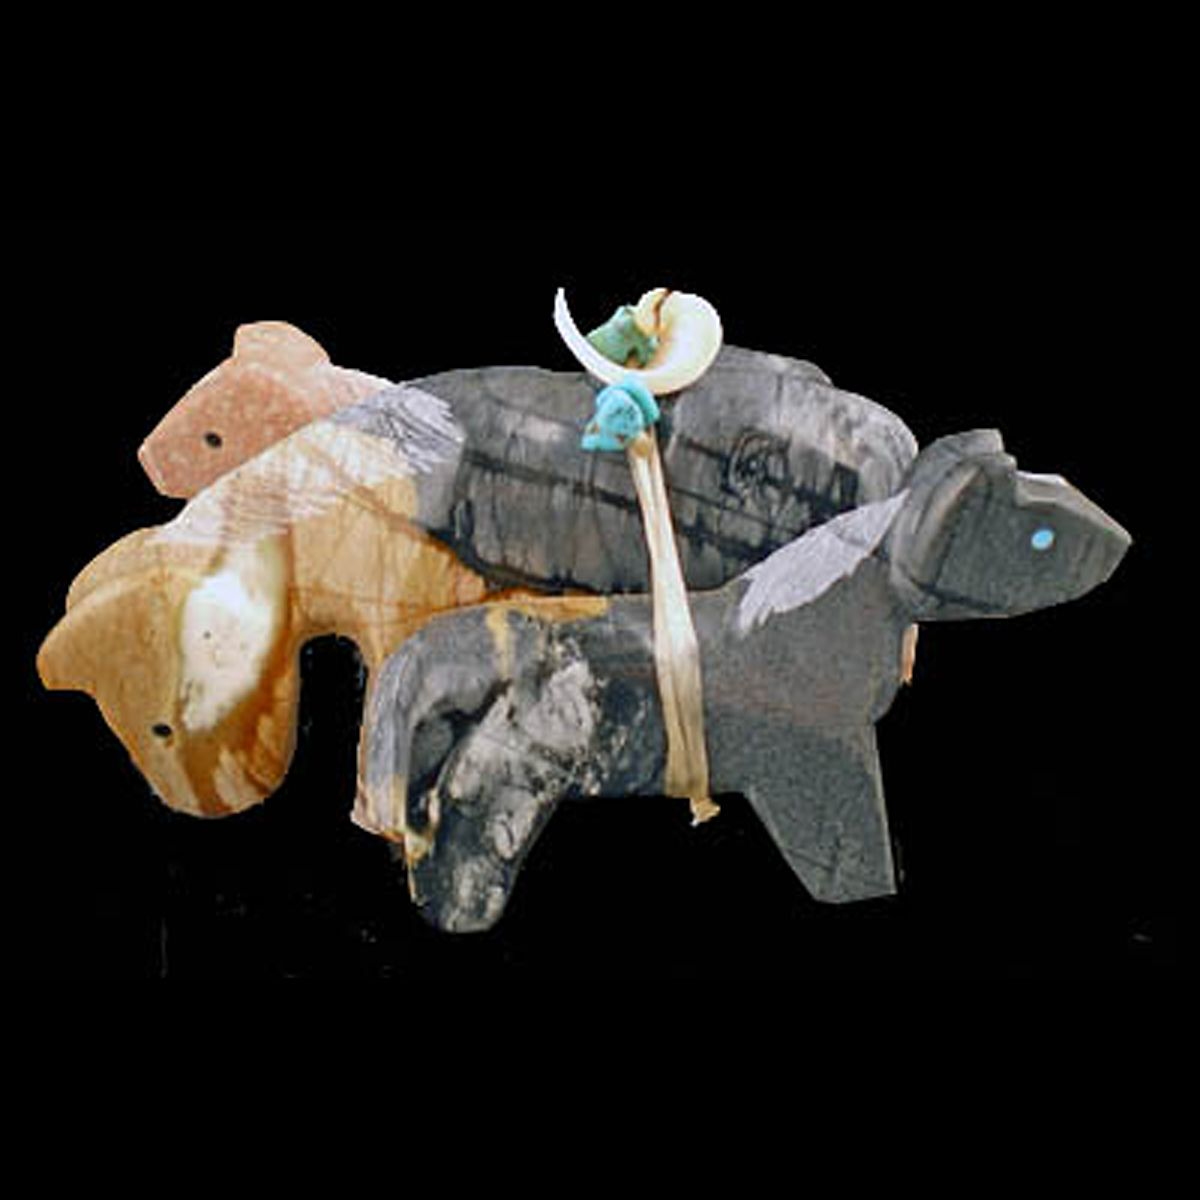 RG95 Daisy Natewa Zuni fetish 3-Horse combination Horse lovers dream: 3 grazing horses combined by Zuni Daisy Natewa